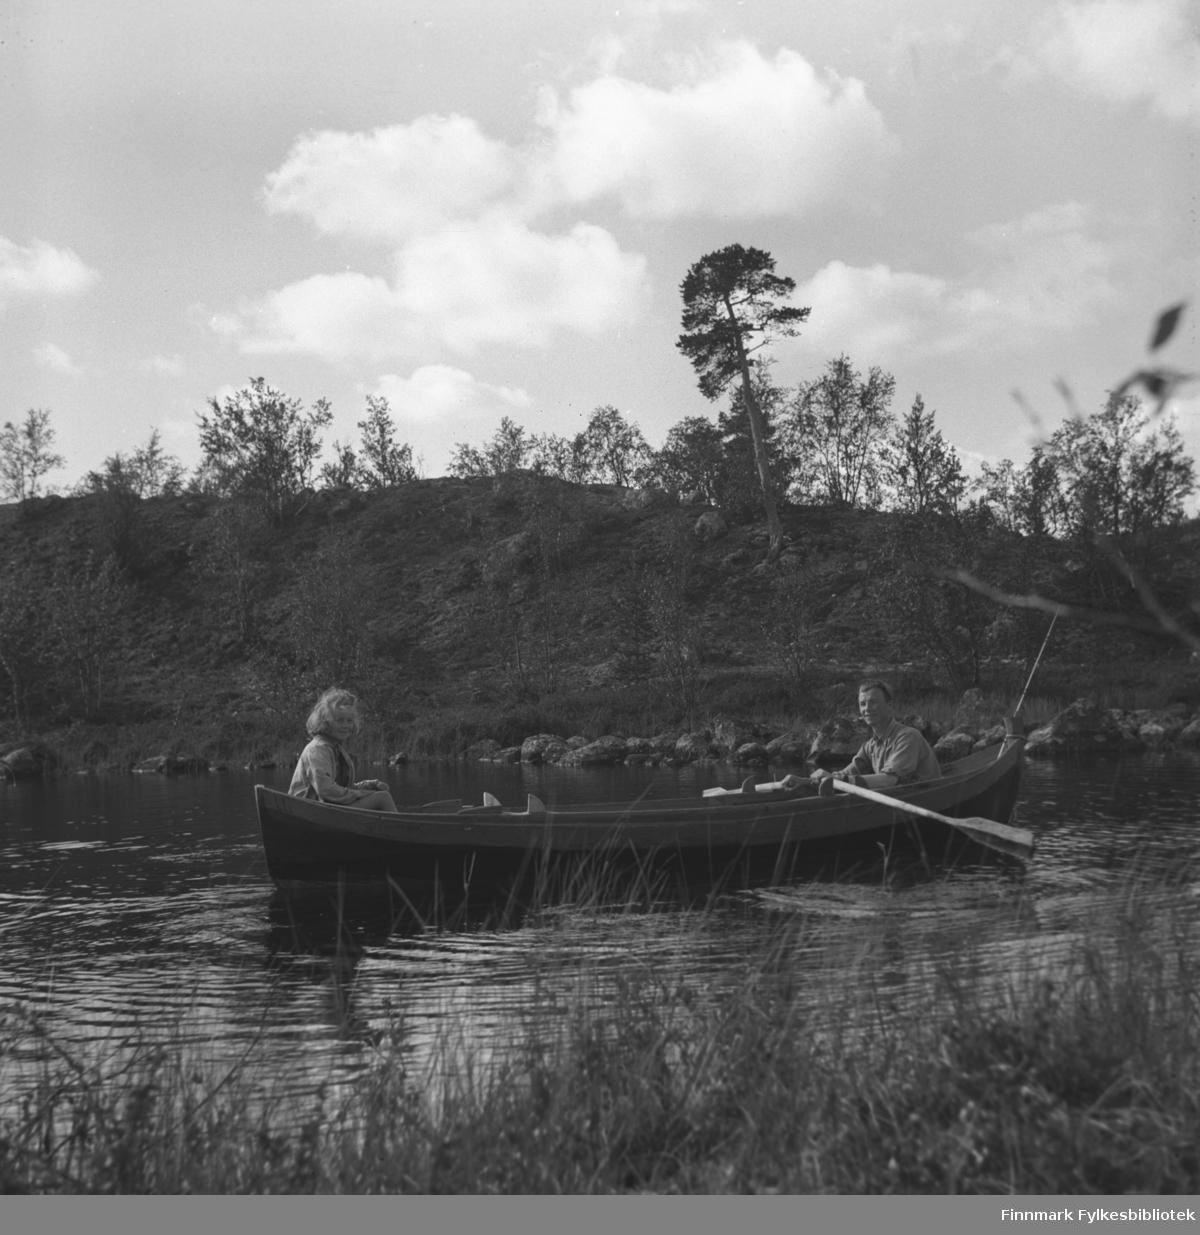 Turid Lillian og Eino Drannem i robåten i Jääjärvi (på finsk side), i nærheten av Luolajärvi. Eino har fiskestanga med seg